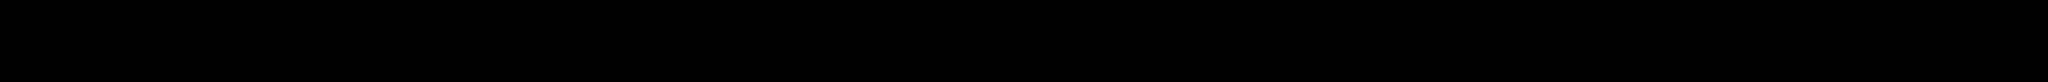 VAICO 71 741 042, 71741210, 71 773 824, 19303249, 19303249 Olajszűrő